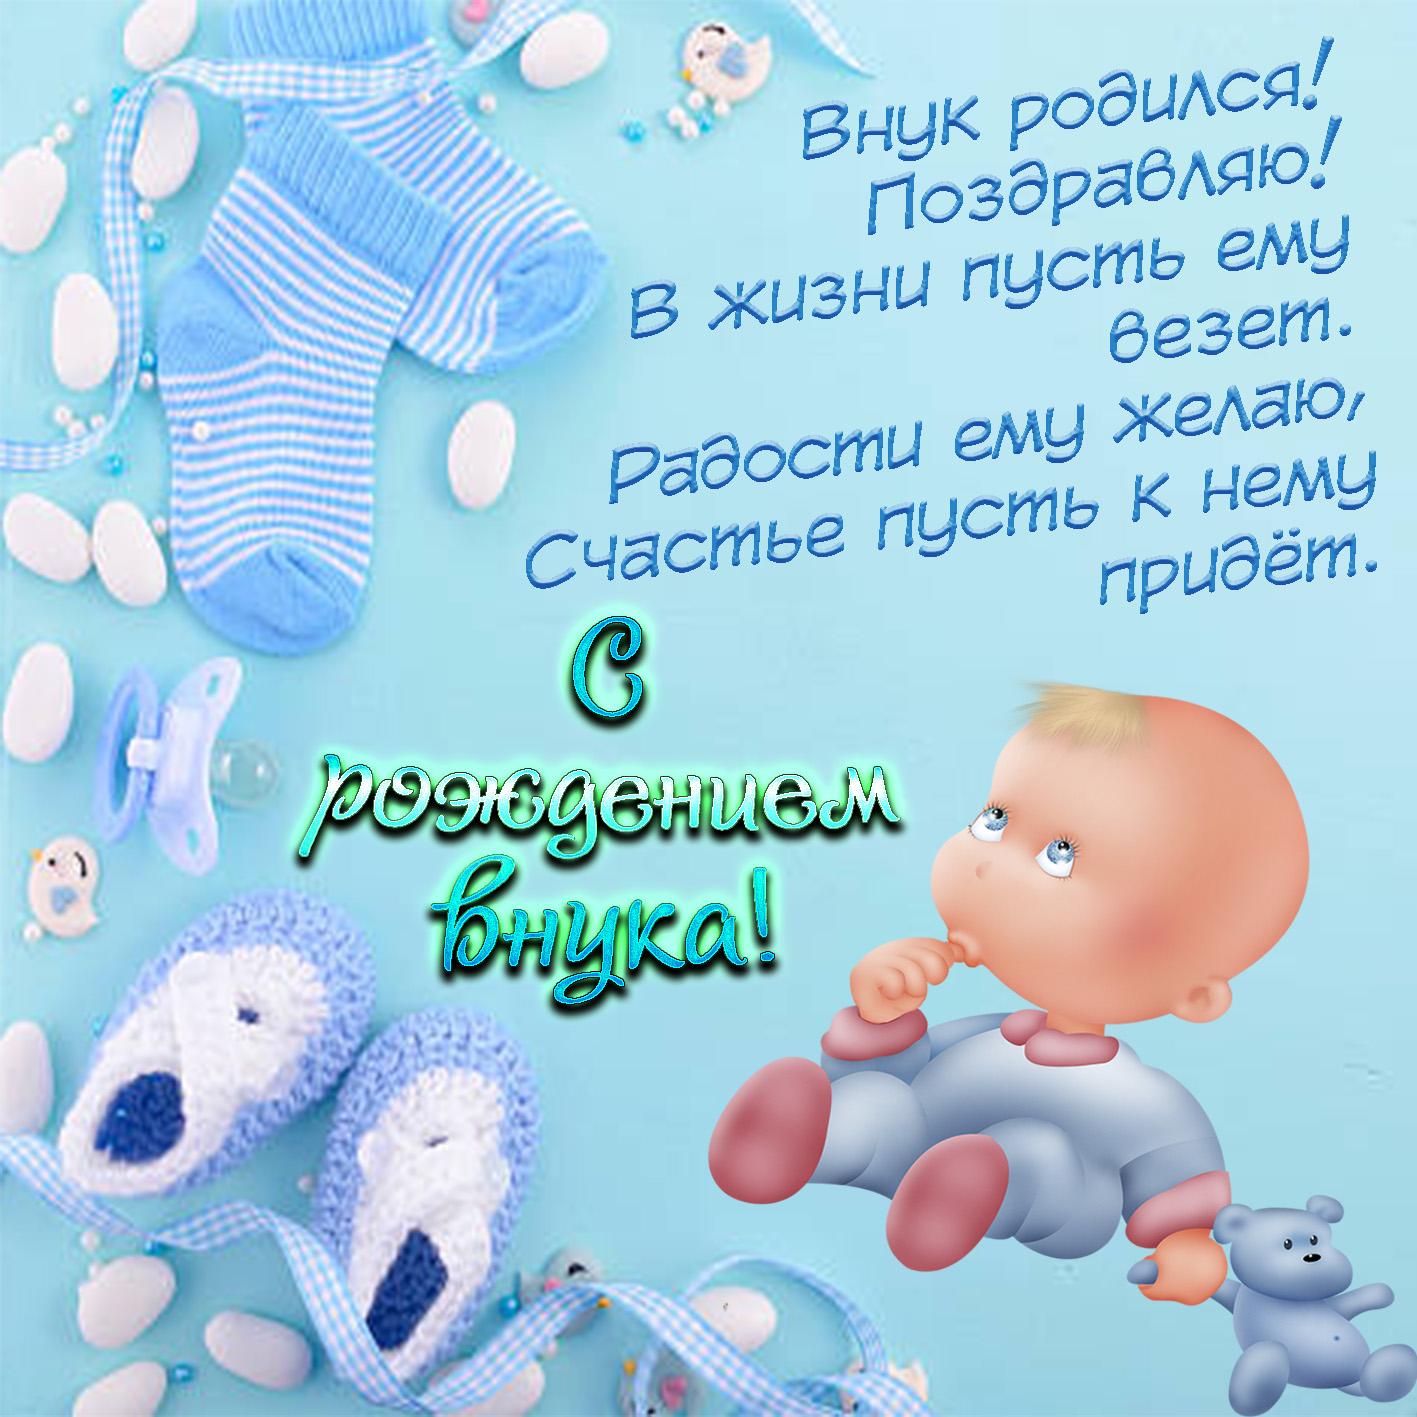 Новым, поздравительные открытки бабушке и дедушке с рождением внука